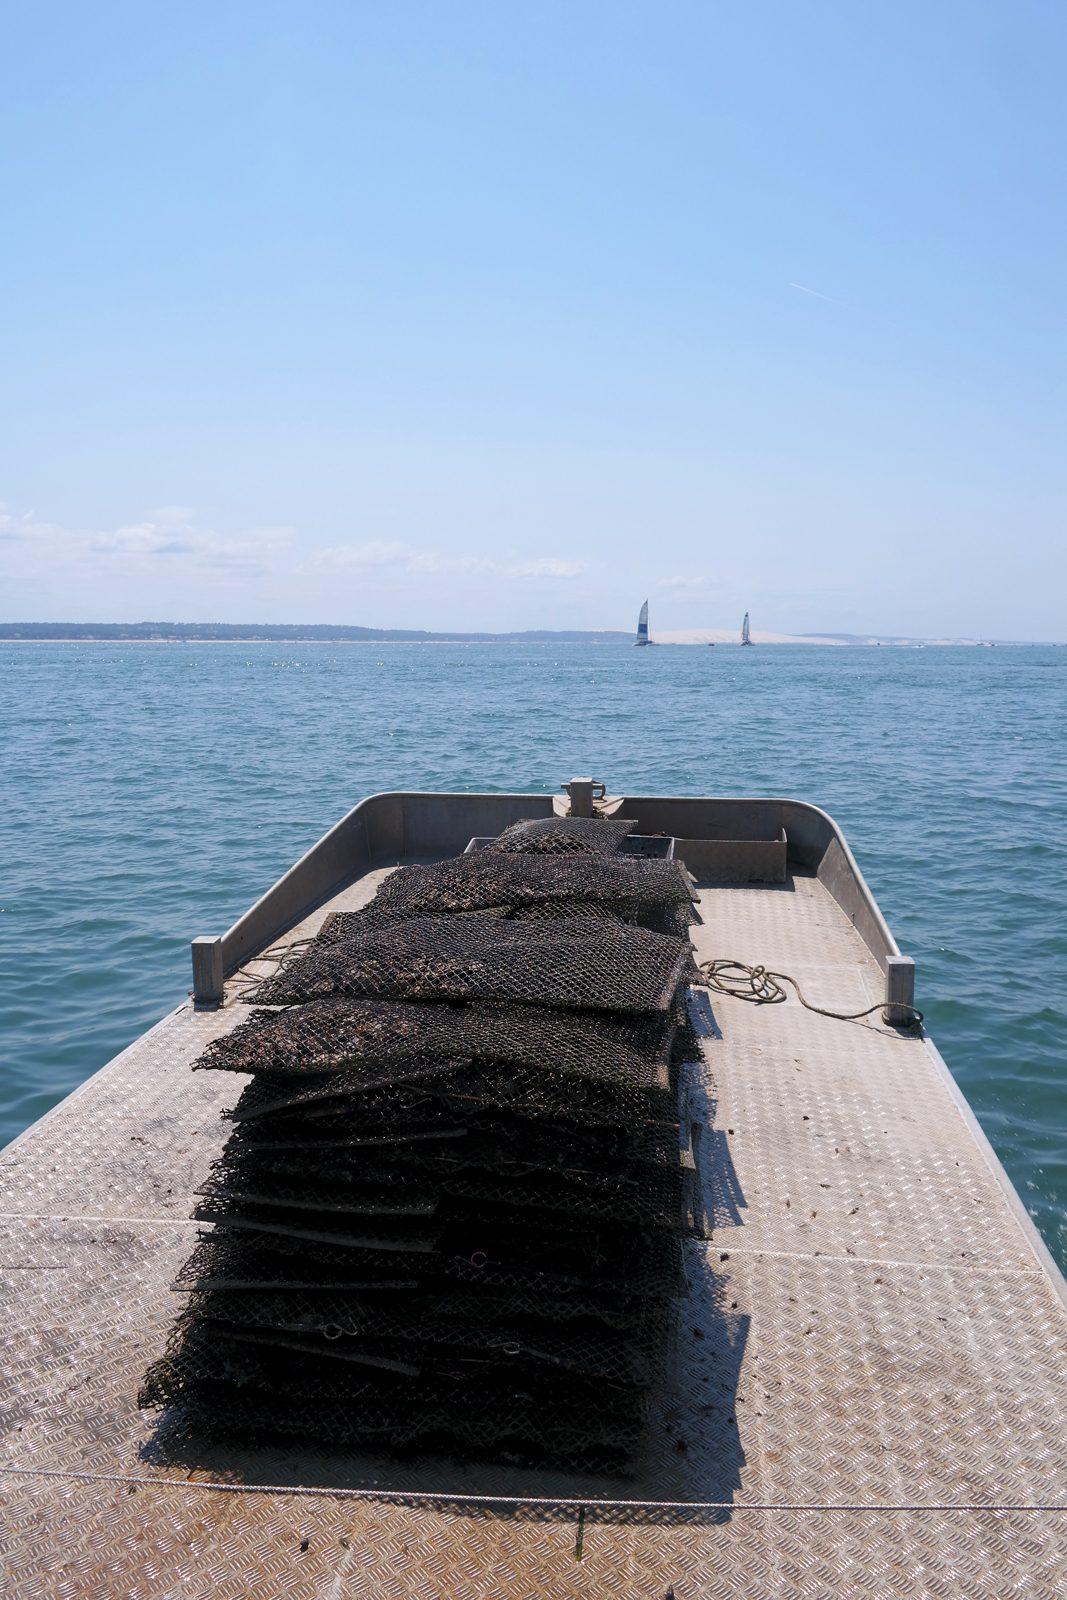 Poches à huitres en direction de la Dune du Pilat bateau eole sortie à la marée tourisme vacances photo usofparis blog